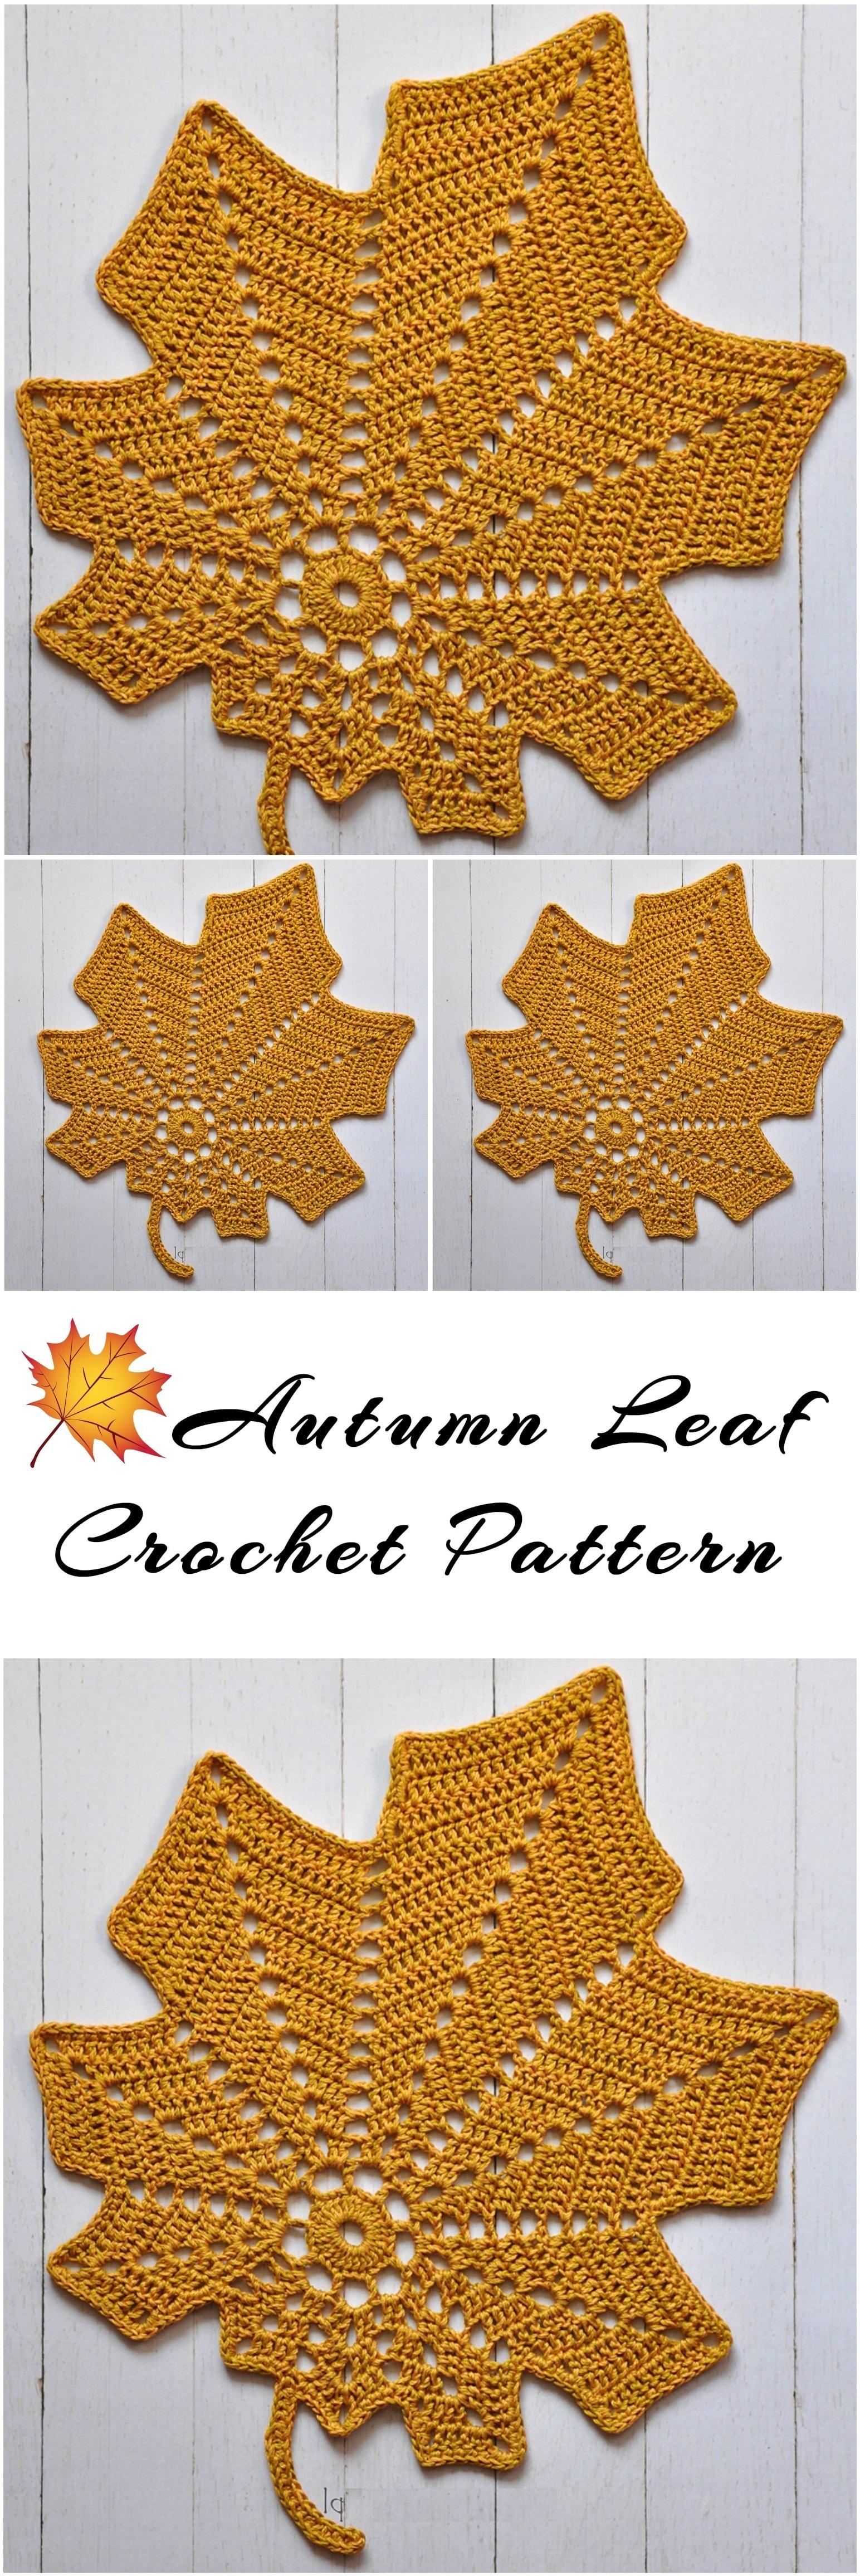 Autumn Leaf Free Crochet Pattern - Yarnandhooks